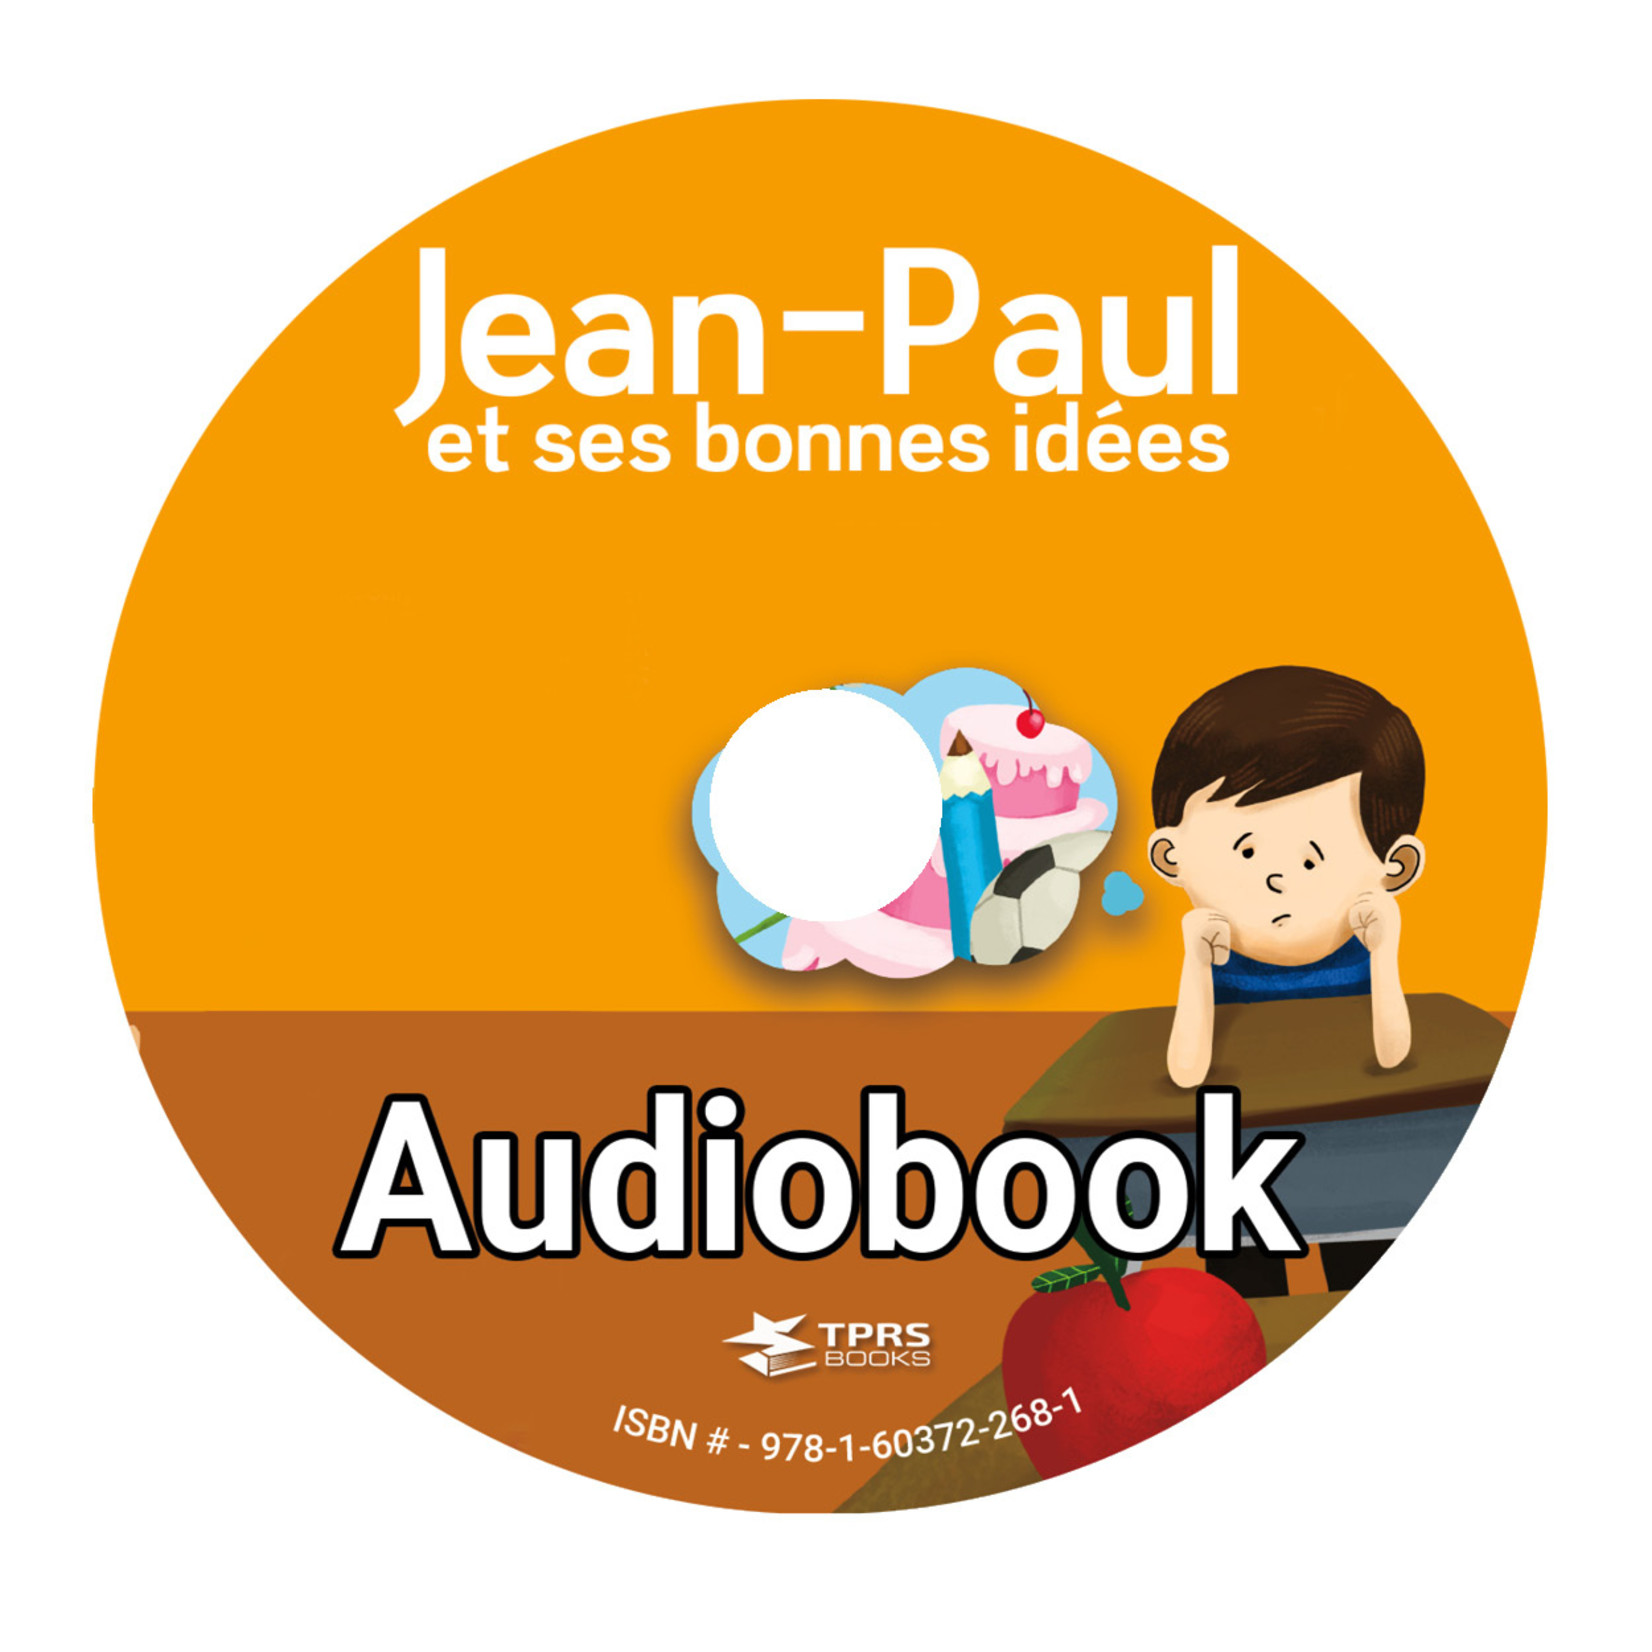 TPRS Books Jean-Paul et ses bonnes idées - Audiobook